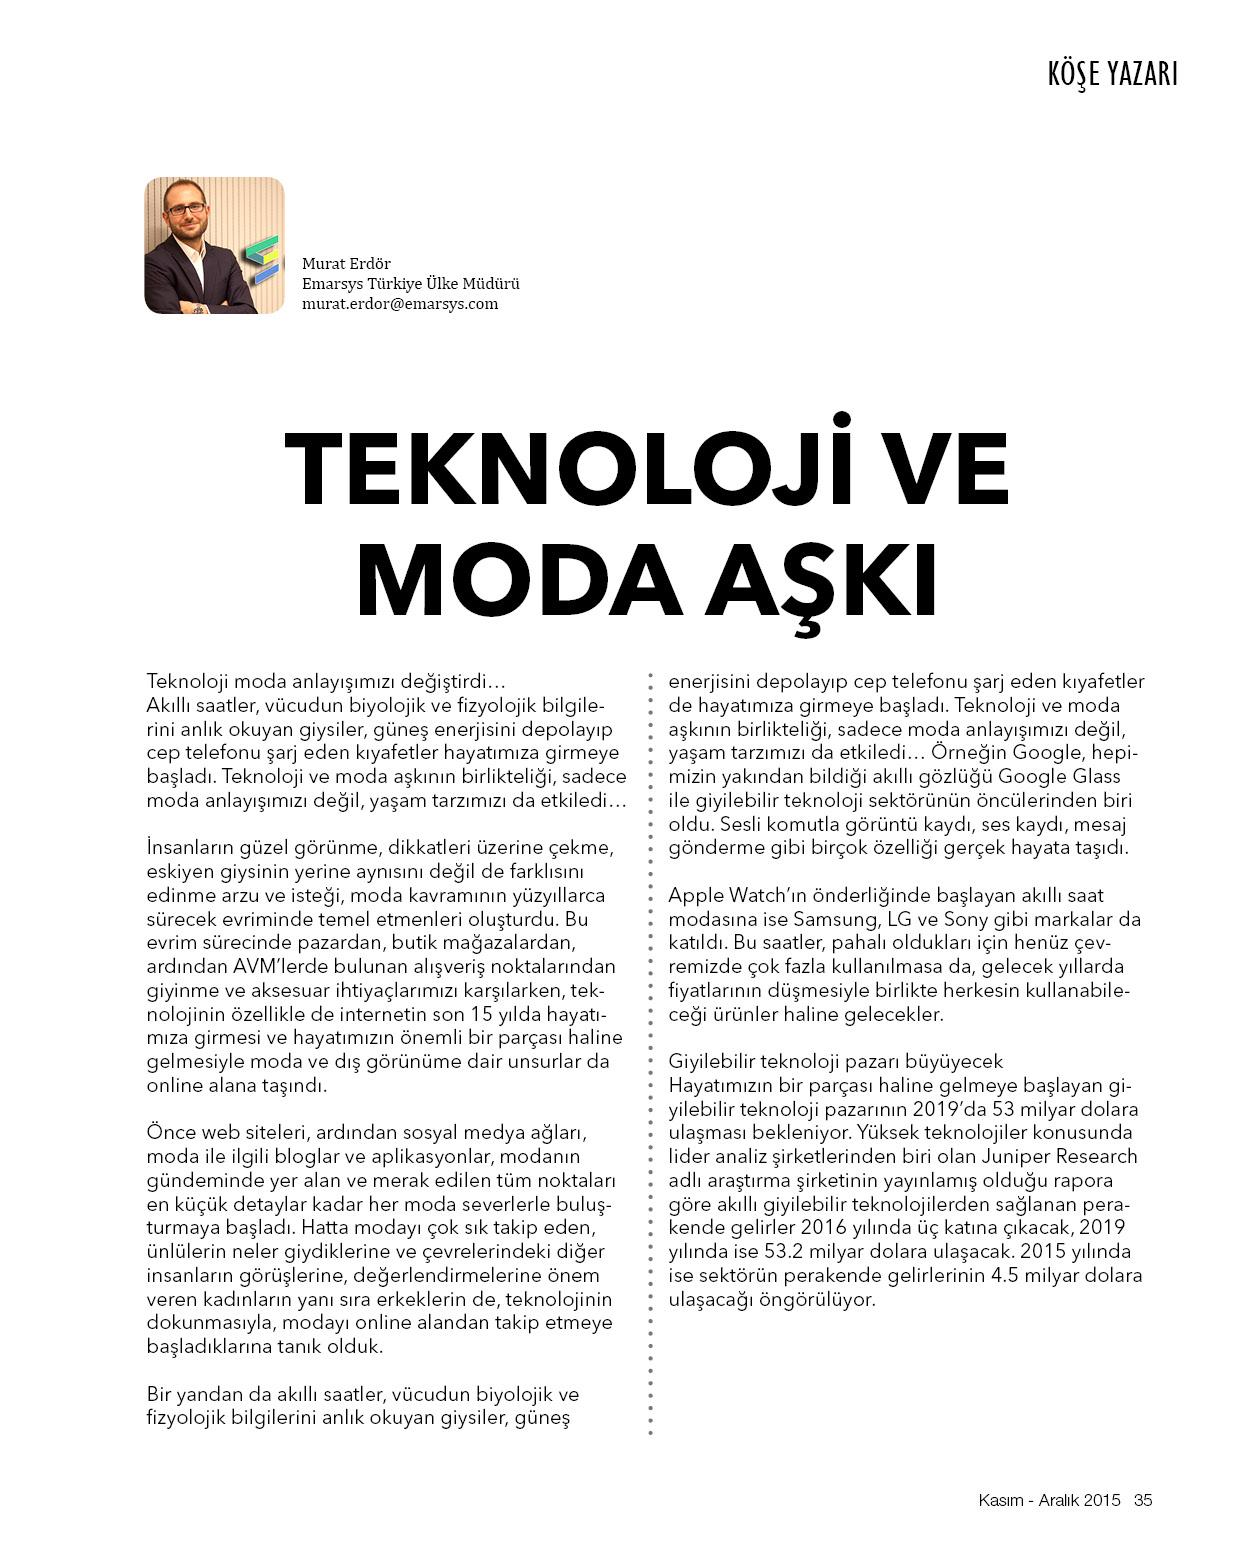 10 - Sosyal Medya Kulübü Dergisi_muraterdor.com_Kasım 2015